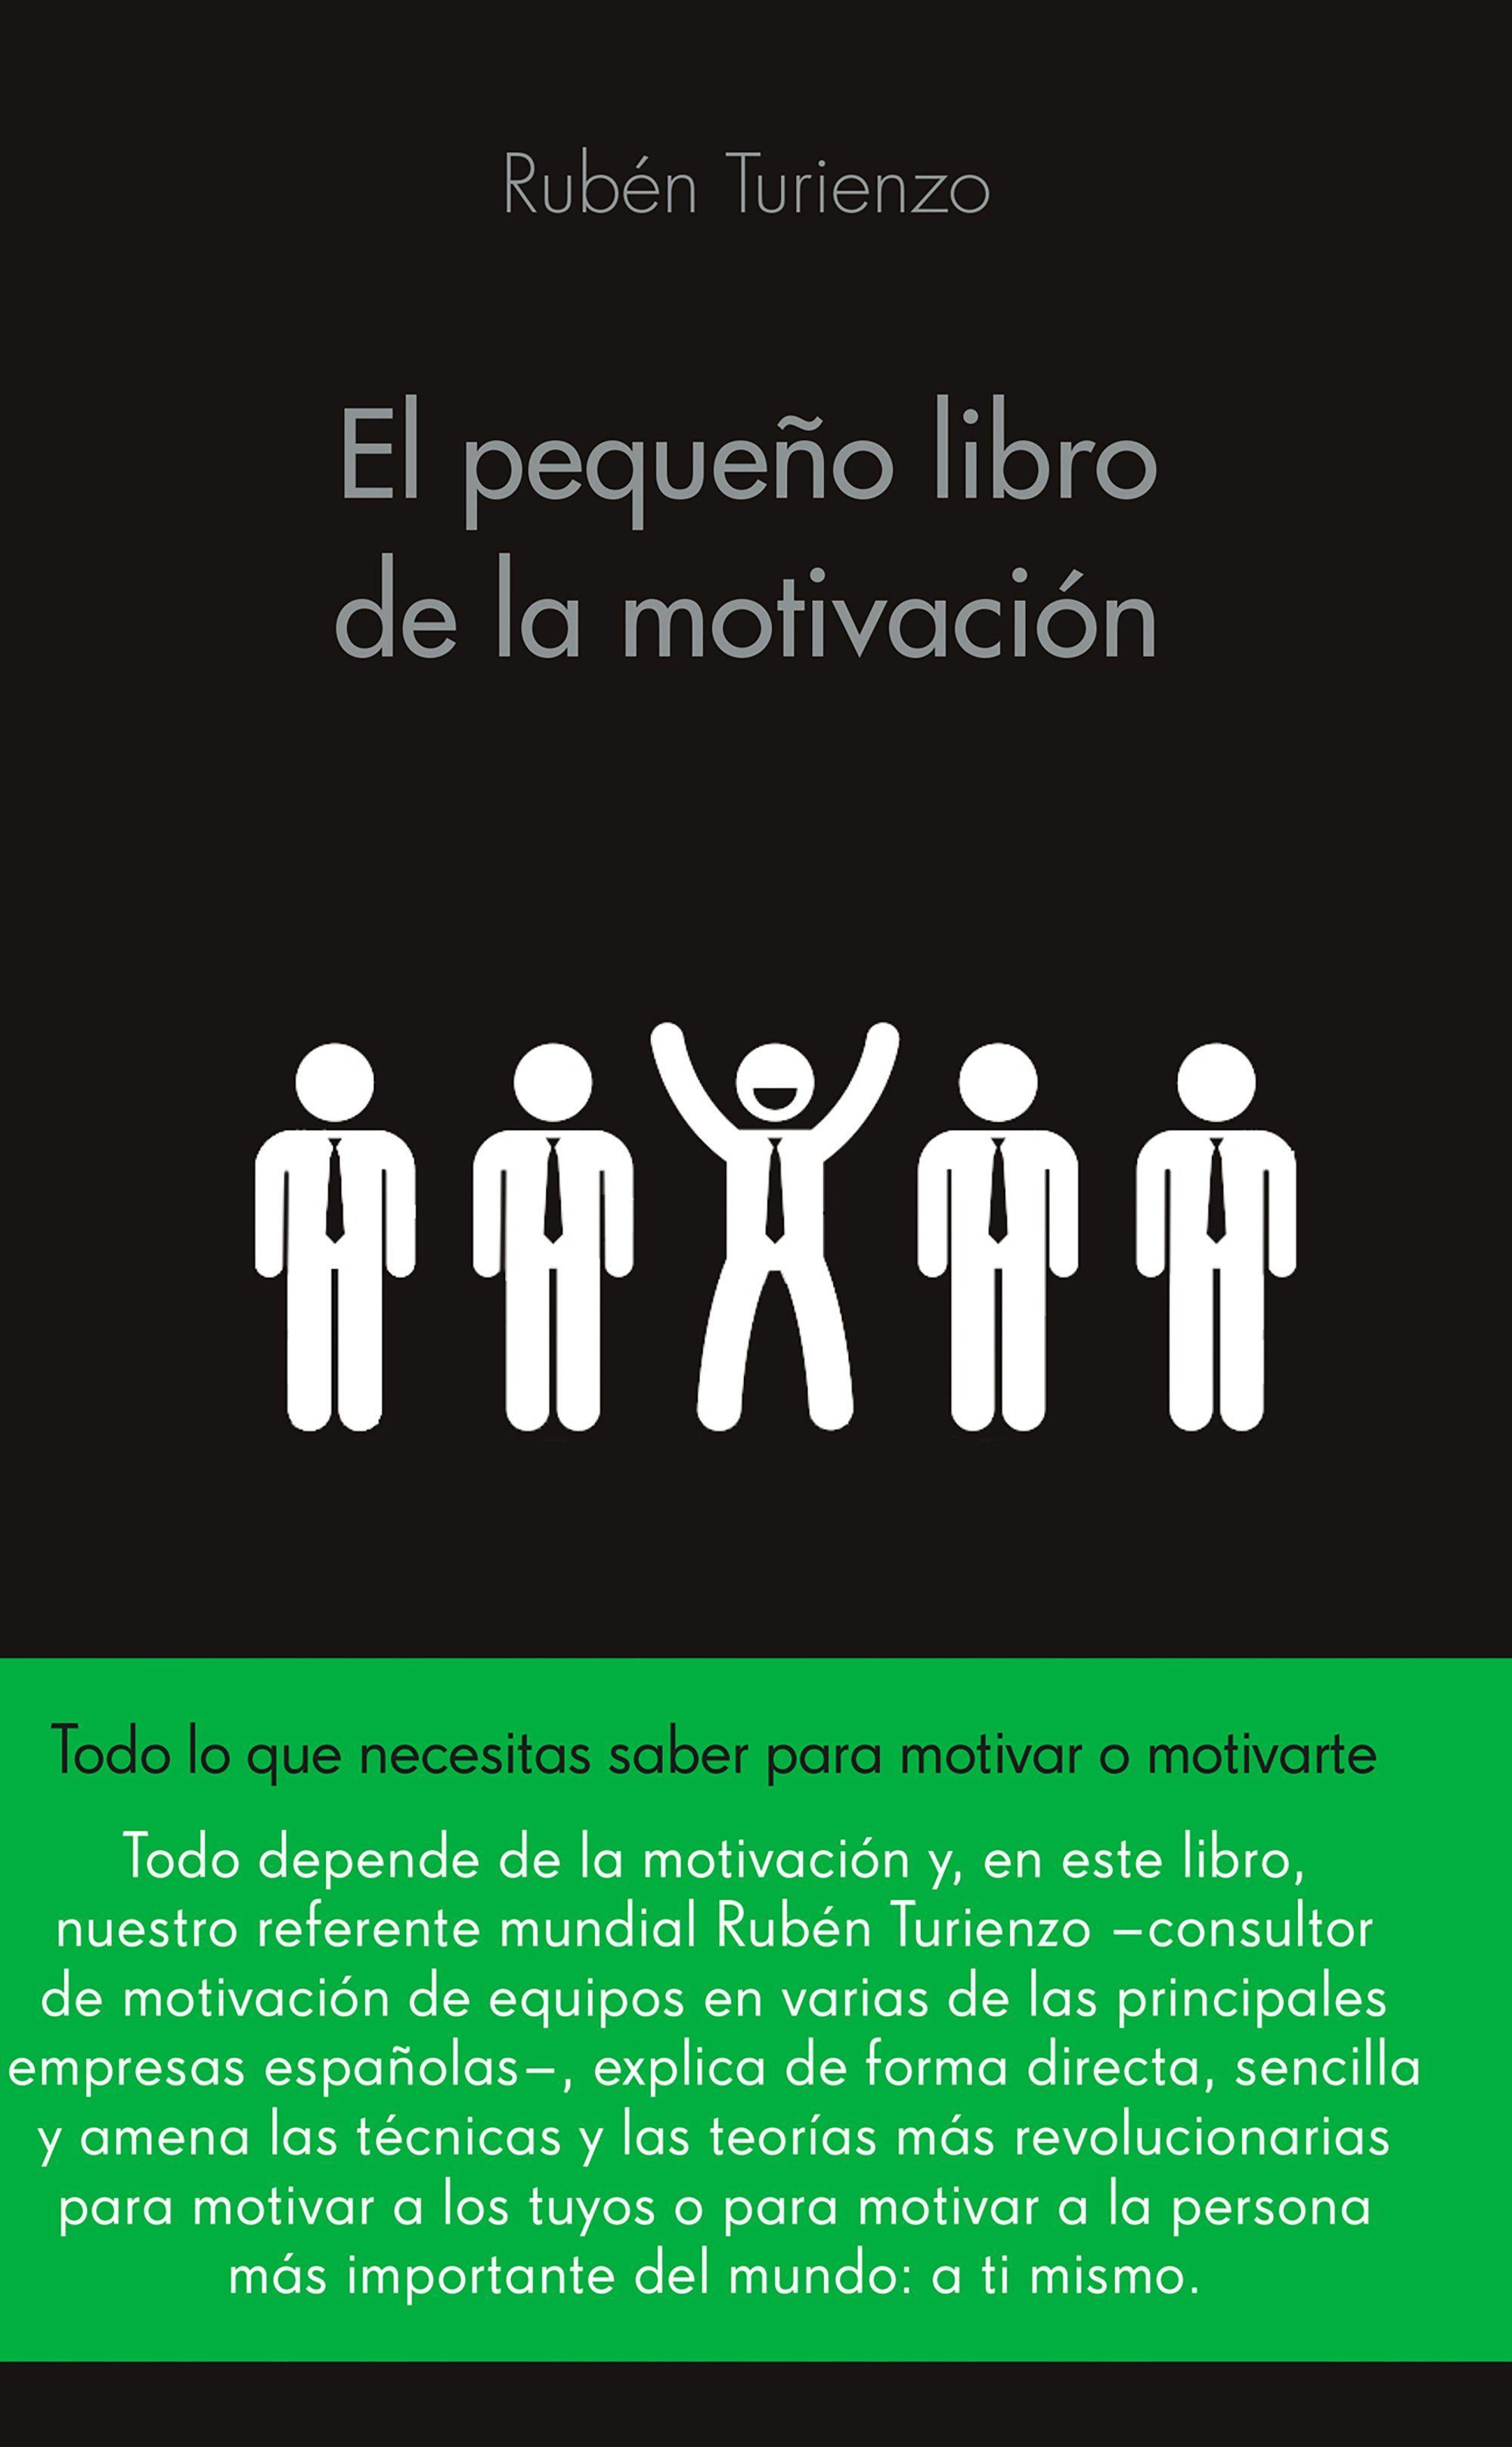 El pequeño libro de la motivación, de Rubén Turienzo.